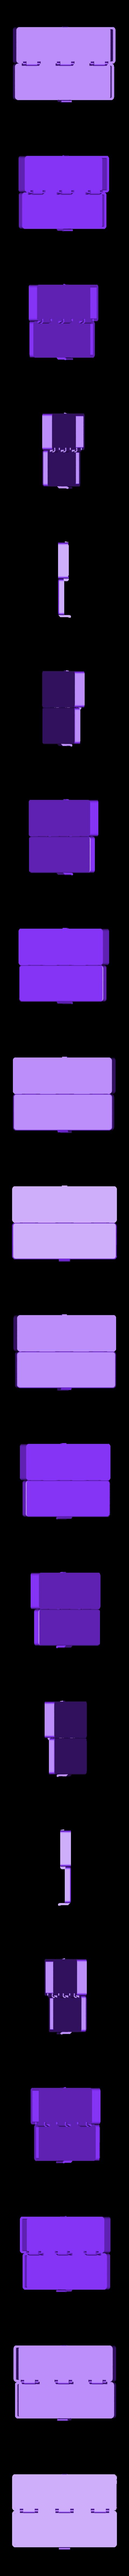 box_01_35x143x100(1).stl Télécharger fichier STL gratuit boxer • Modèle pour impression 3D, zibi36